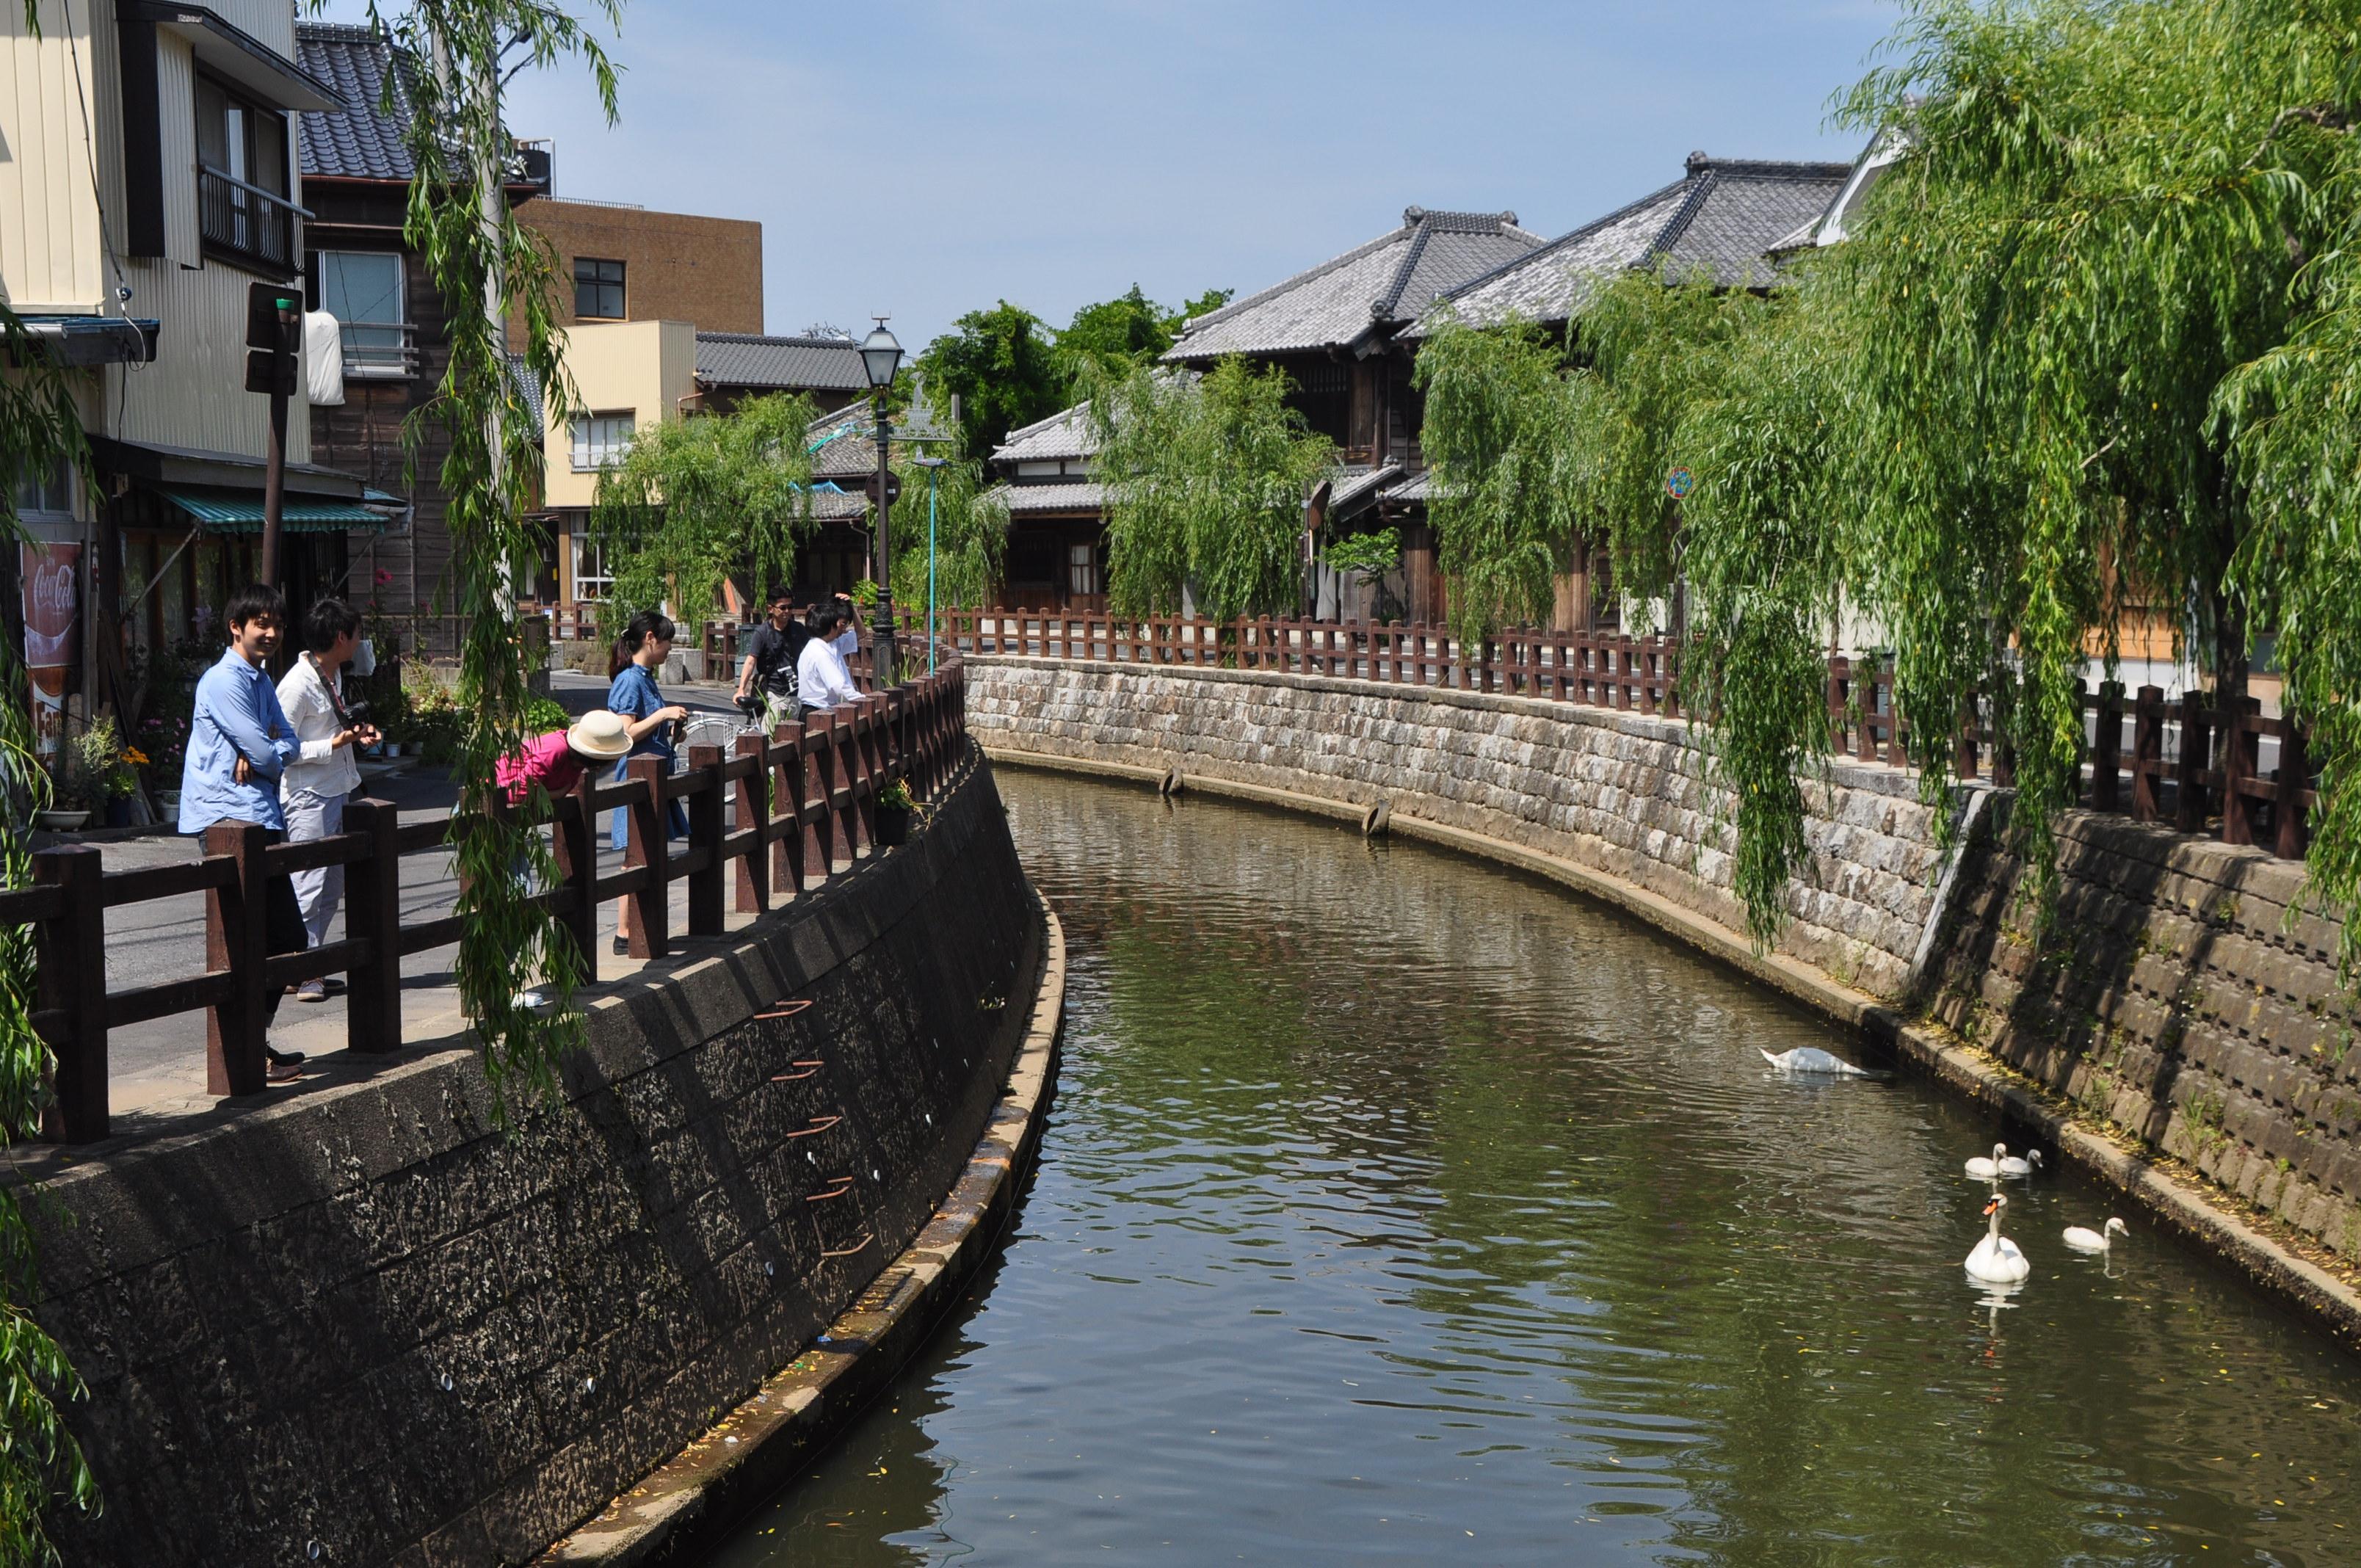 http://ud.t.u-tokyo.ac.jp/blog/_images/DSC_2646.JPG